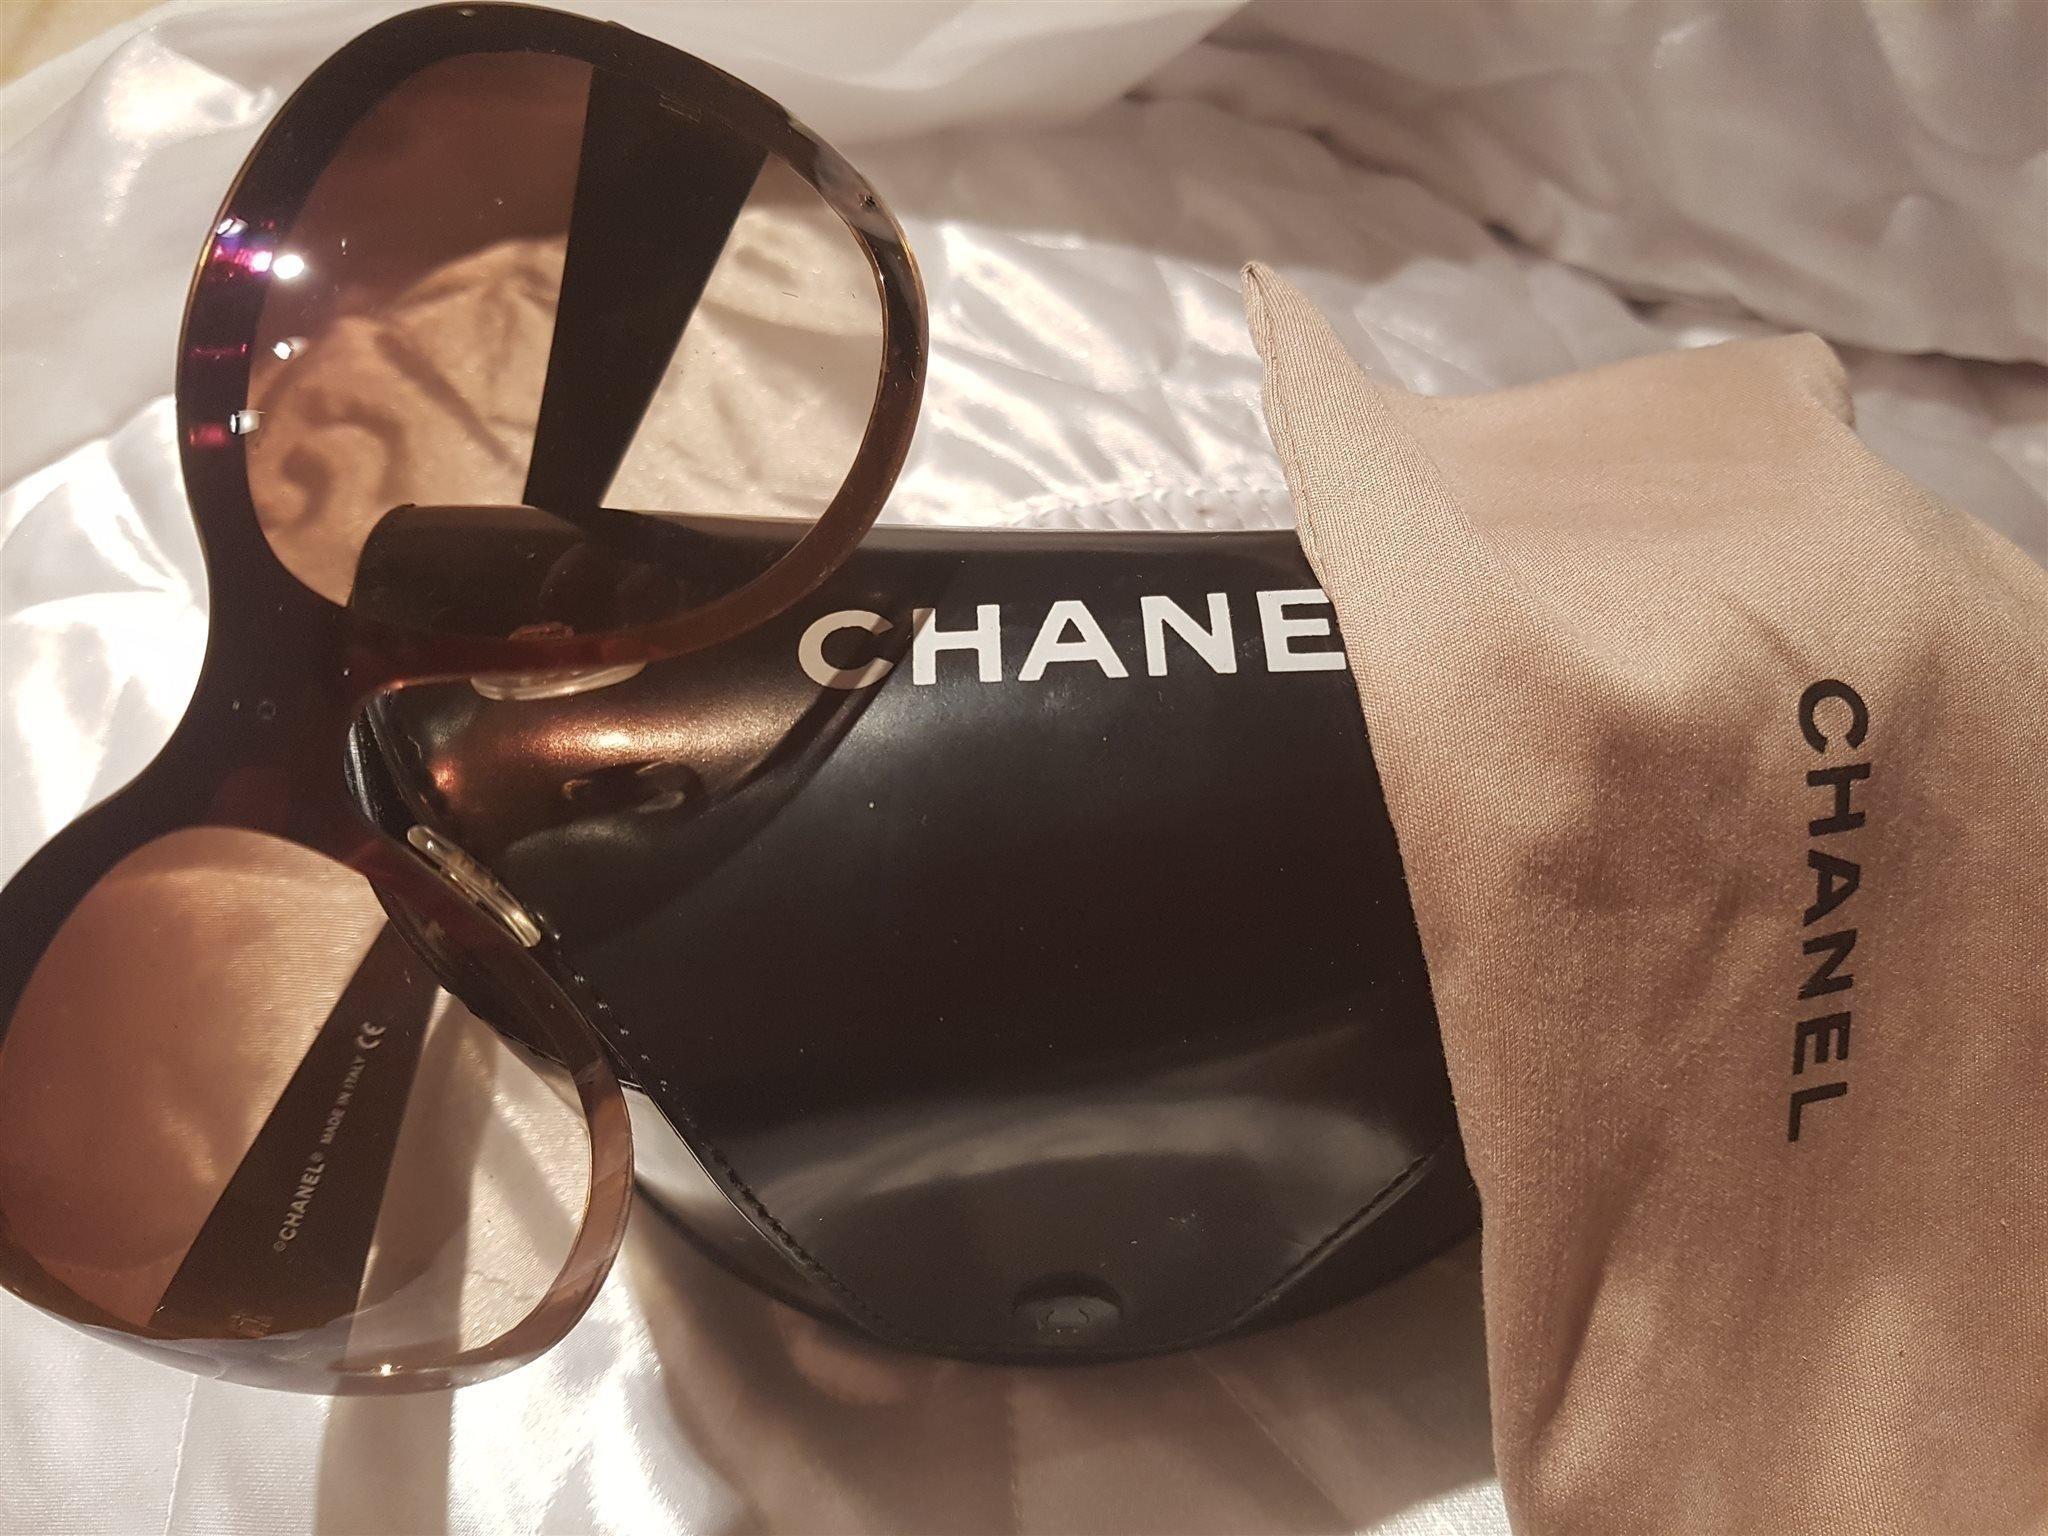 c4cc247715c1 Glamour till 100% med dessa solglasögon i äkta .. (346392387) ᐈ Köp ...